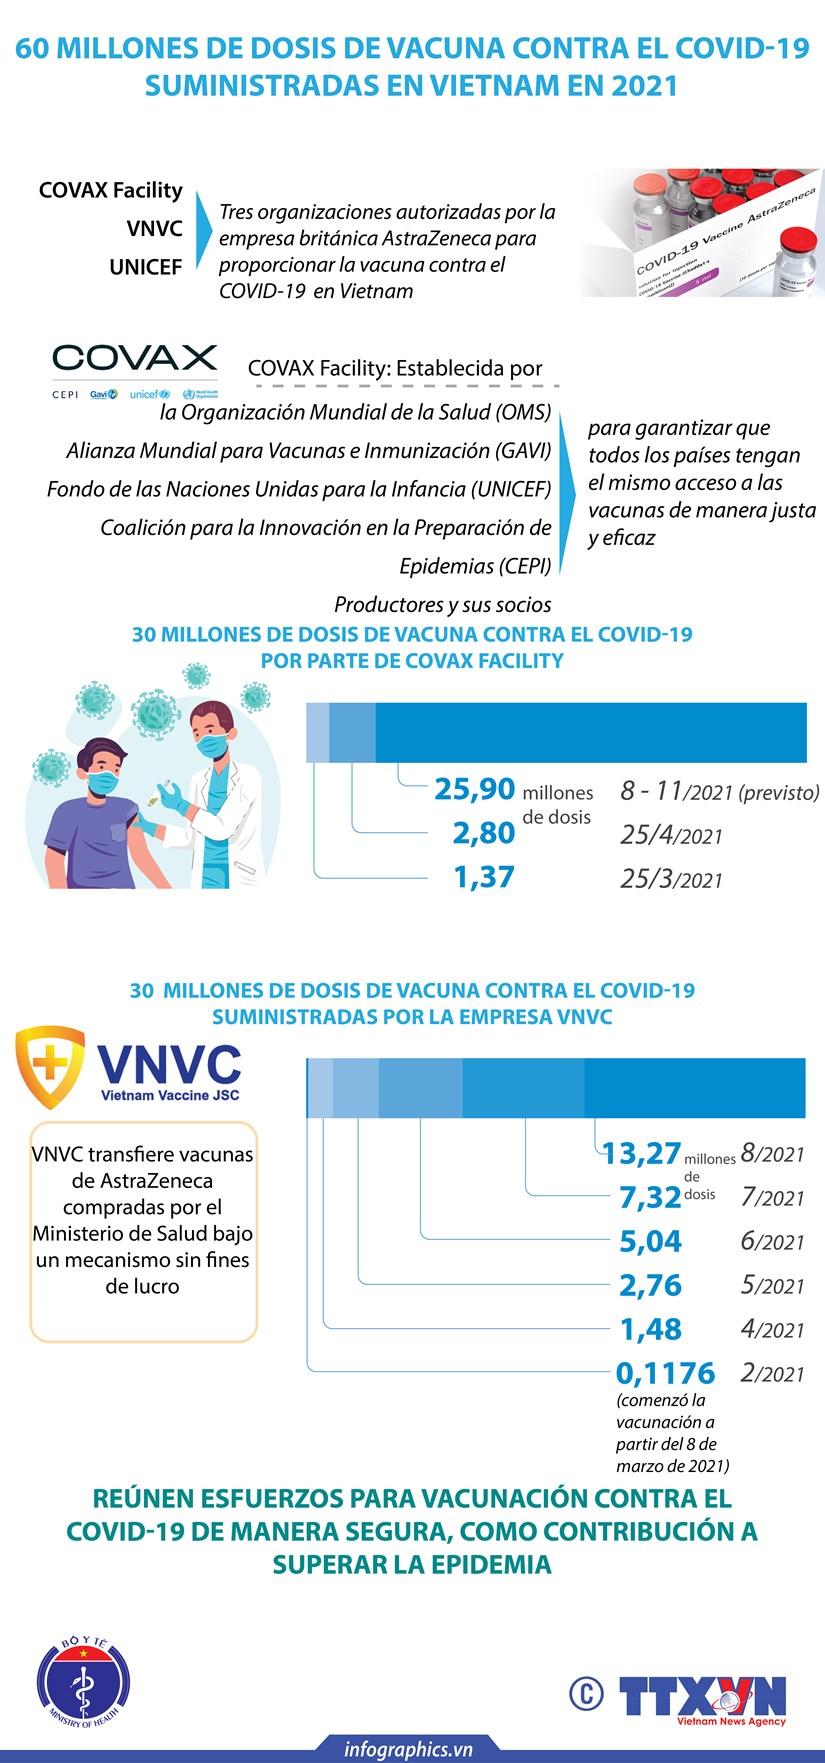 60 millones de dosis de vacuna contra el COVID-19 suministradas en Vietnam en 2021 hinh anh 1